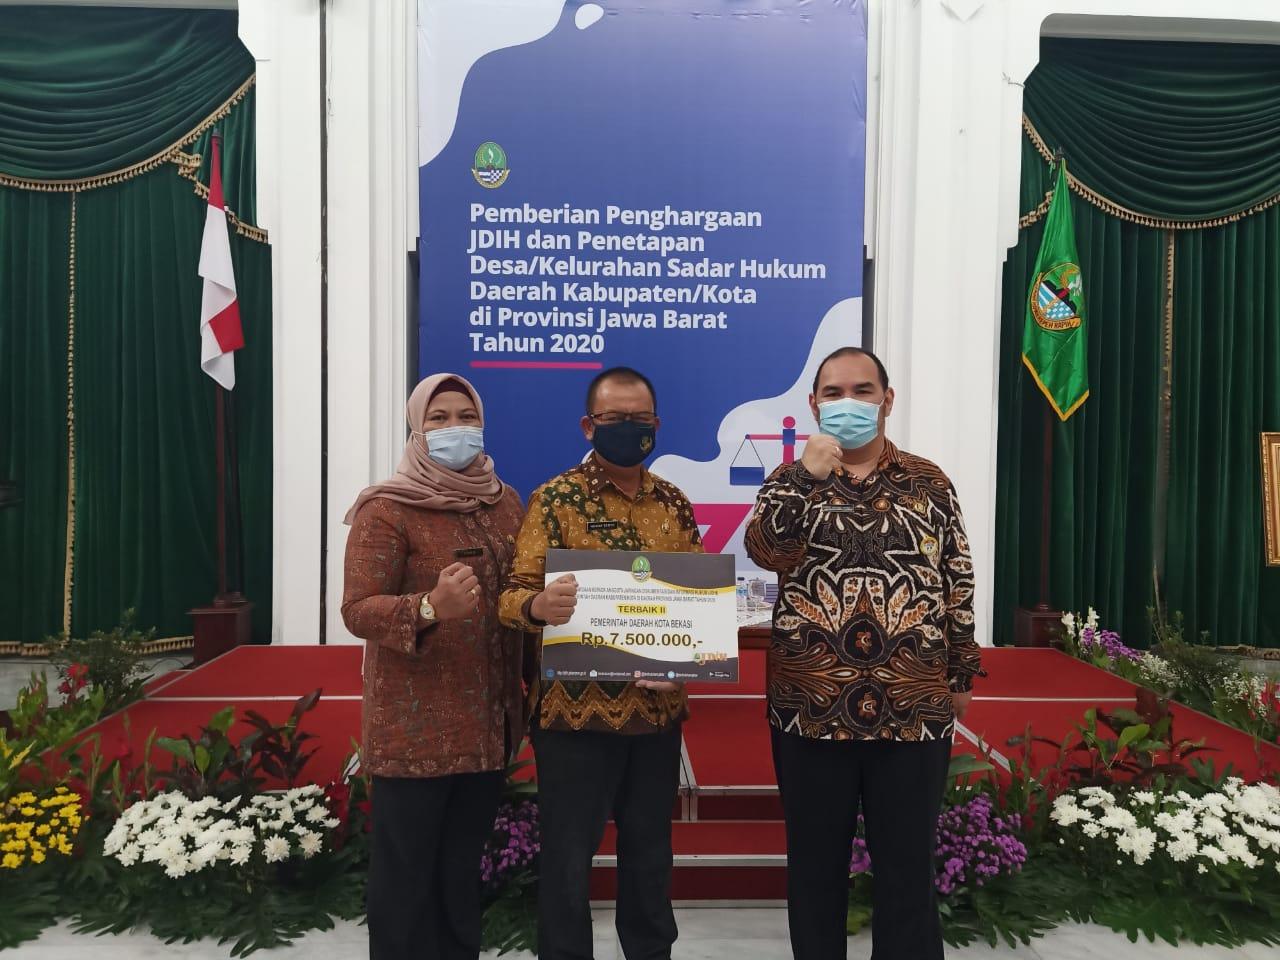 Pemkot Bekasi Raih Terbaik Kedua JDIH Se-Provinsi Jawa Barat